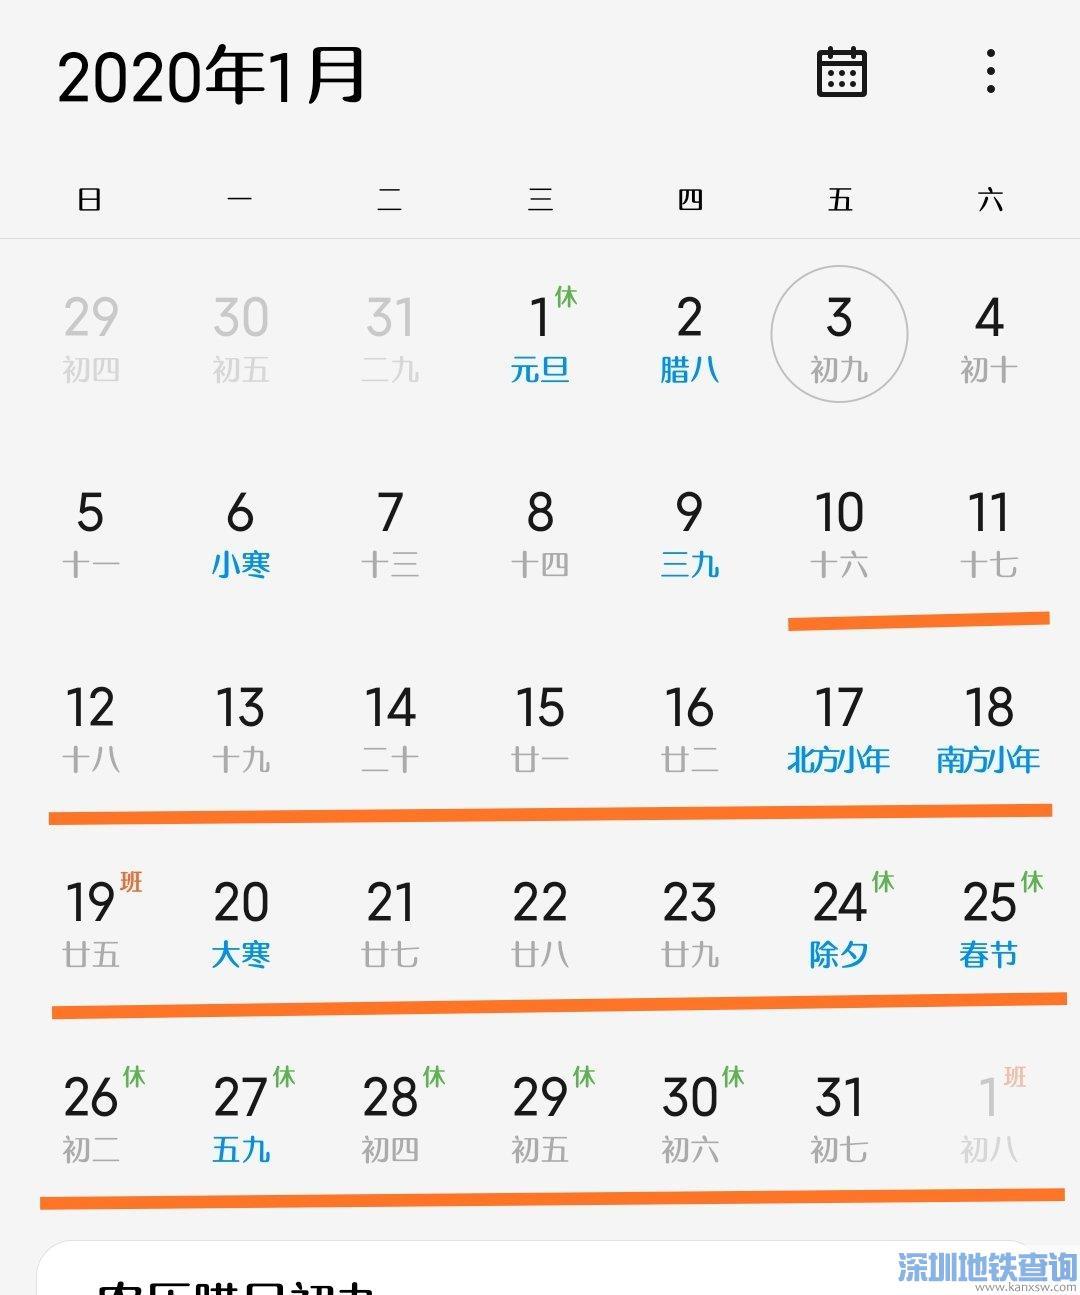 深圳火車站高鐵站火車票高鐵票預訂放票時間 附2020春運時間表 - 地鐵查詢網